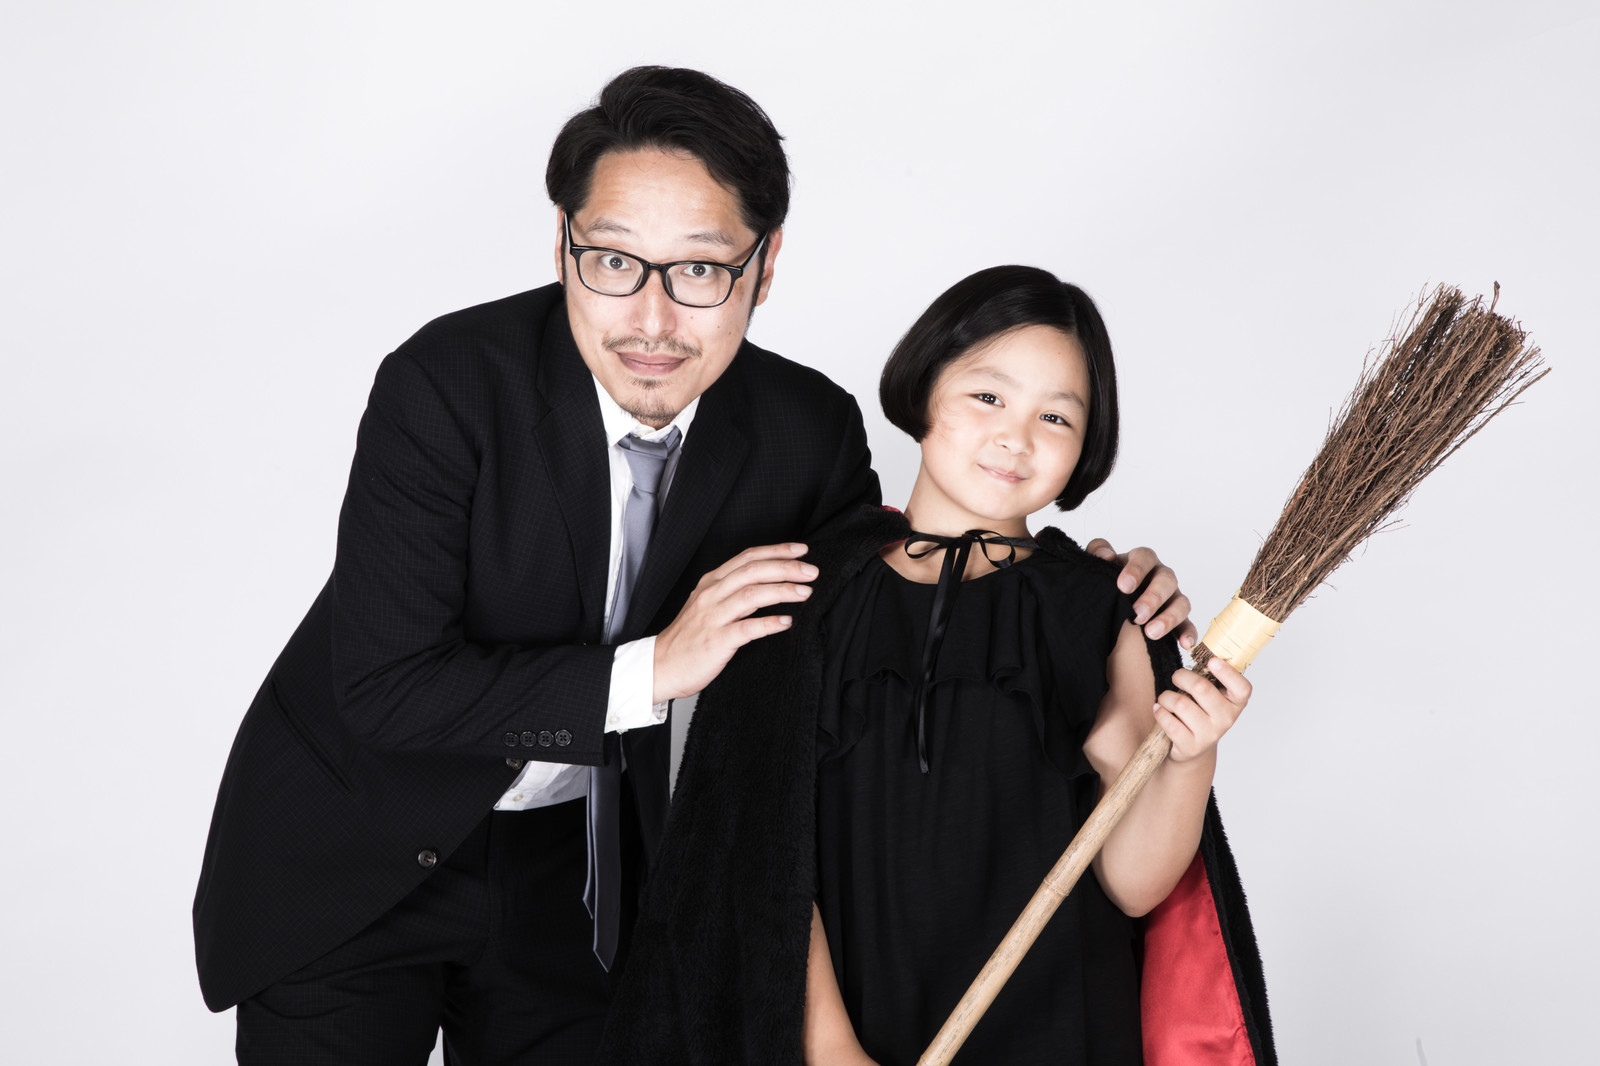 株式会社リードワンプロモーション(LeadOne promotion) ~熱い情熱で才能を育てる芸能プロダクション~